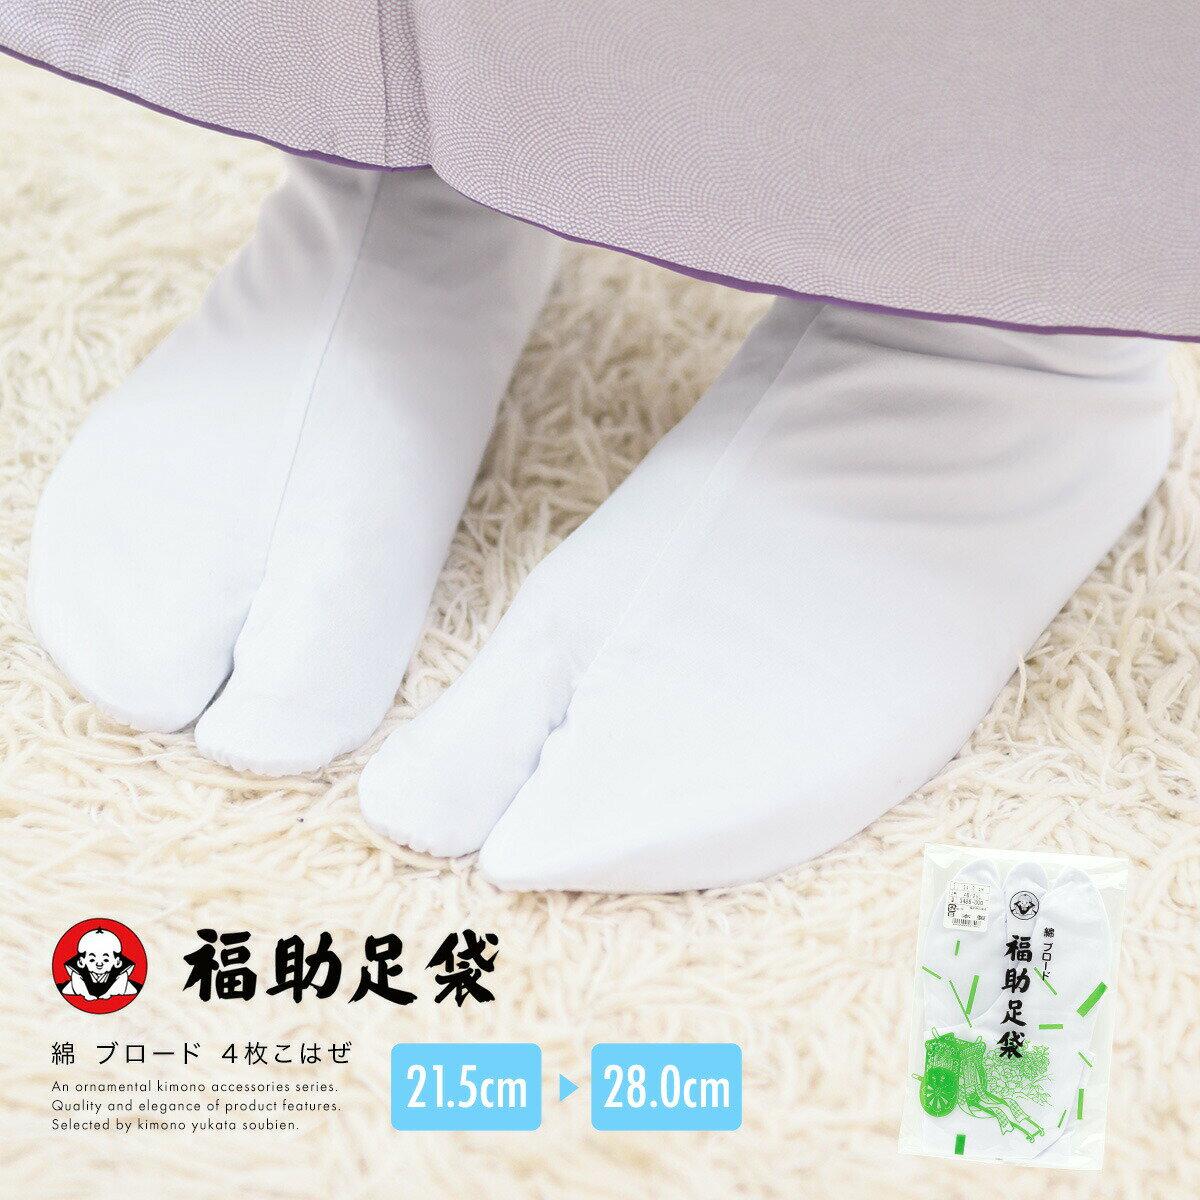 白足袋 福助 綿 ブロード 4枚こはぜ 女性用 履物 タビ【あす楽対応】【メール便対応】